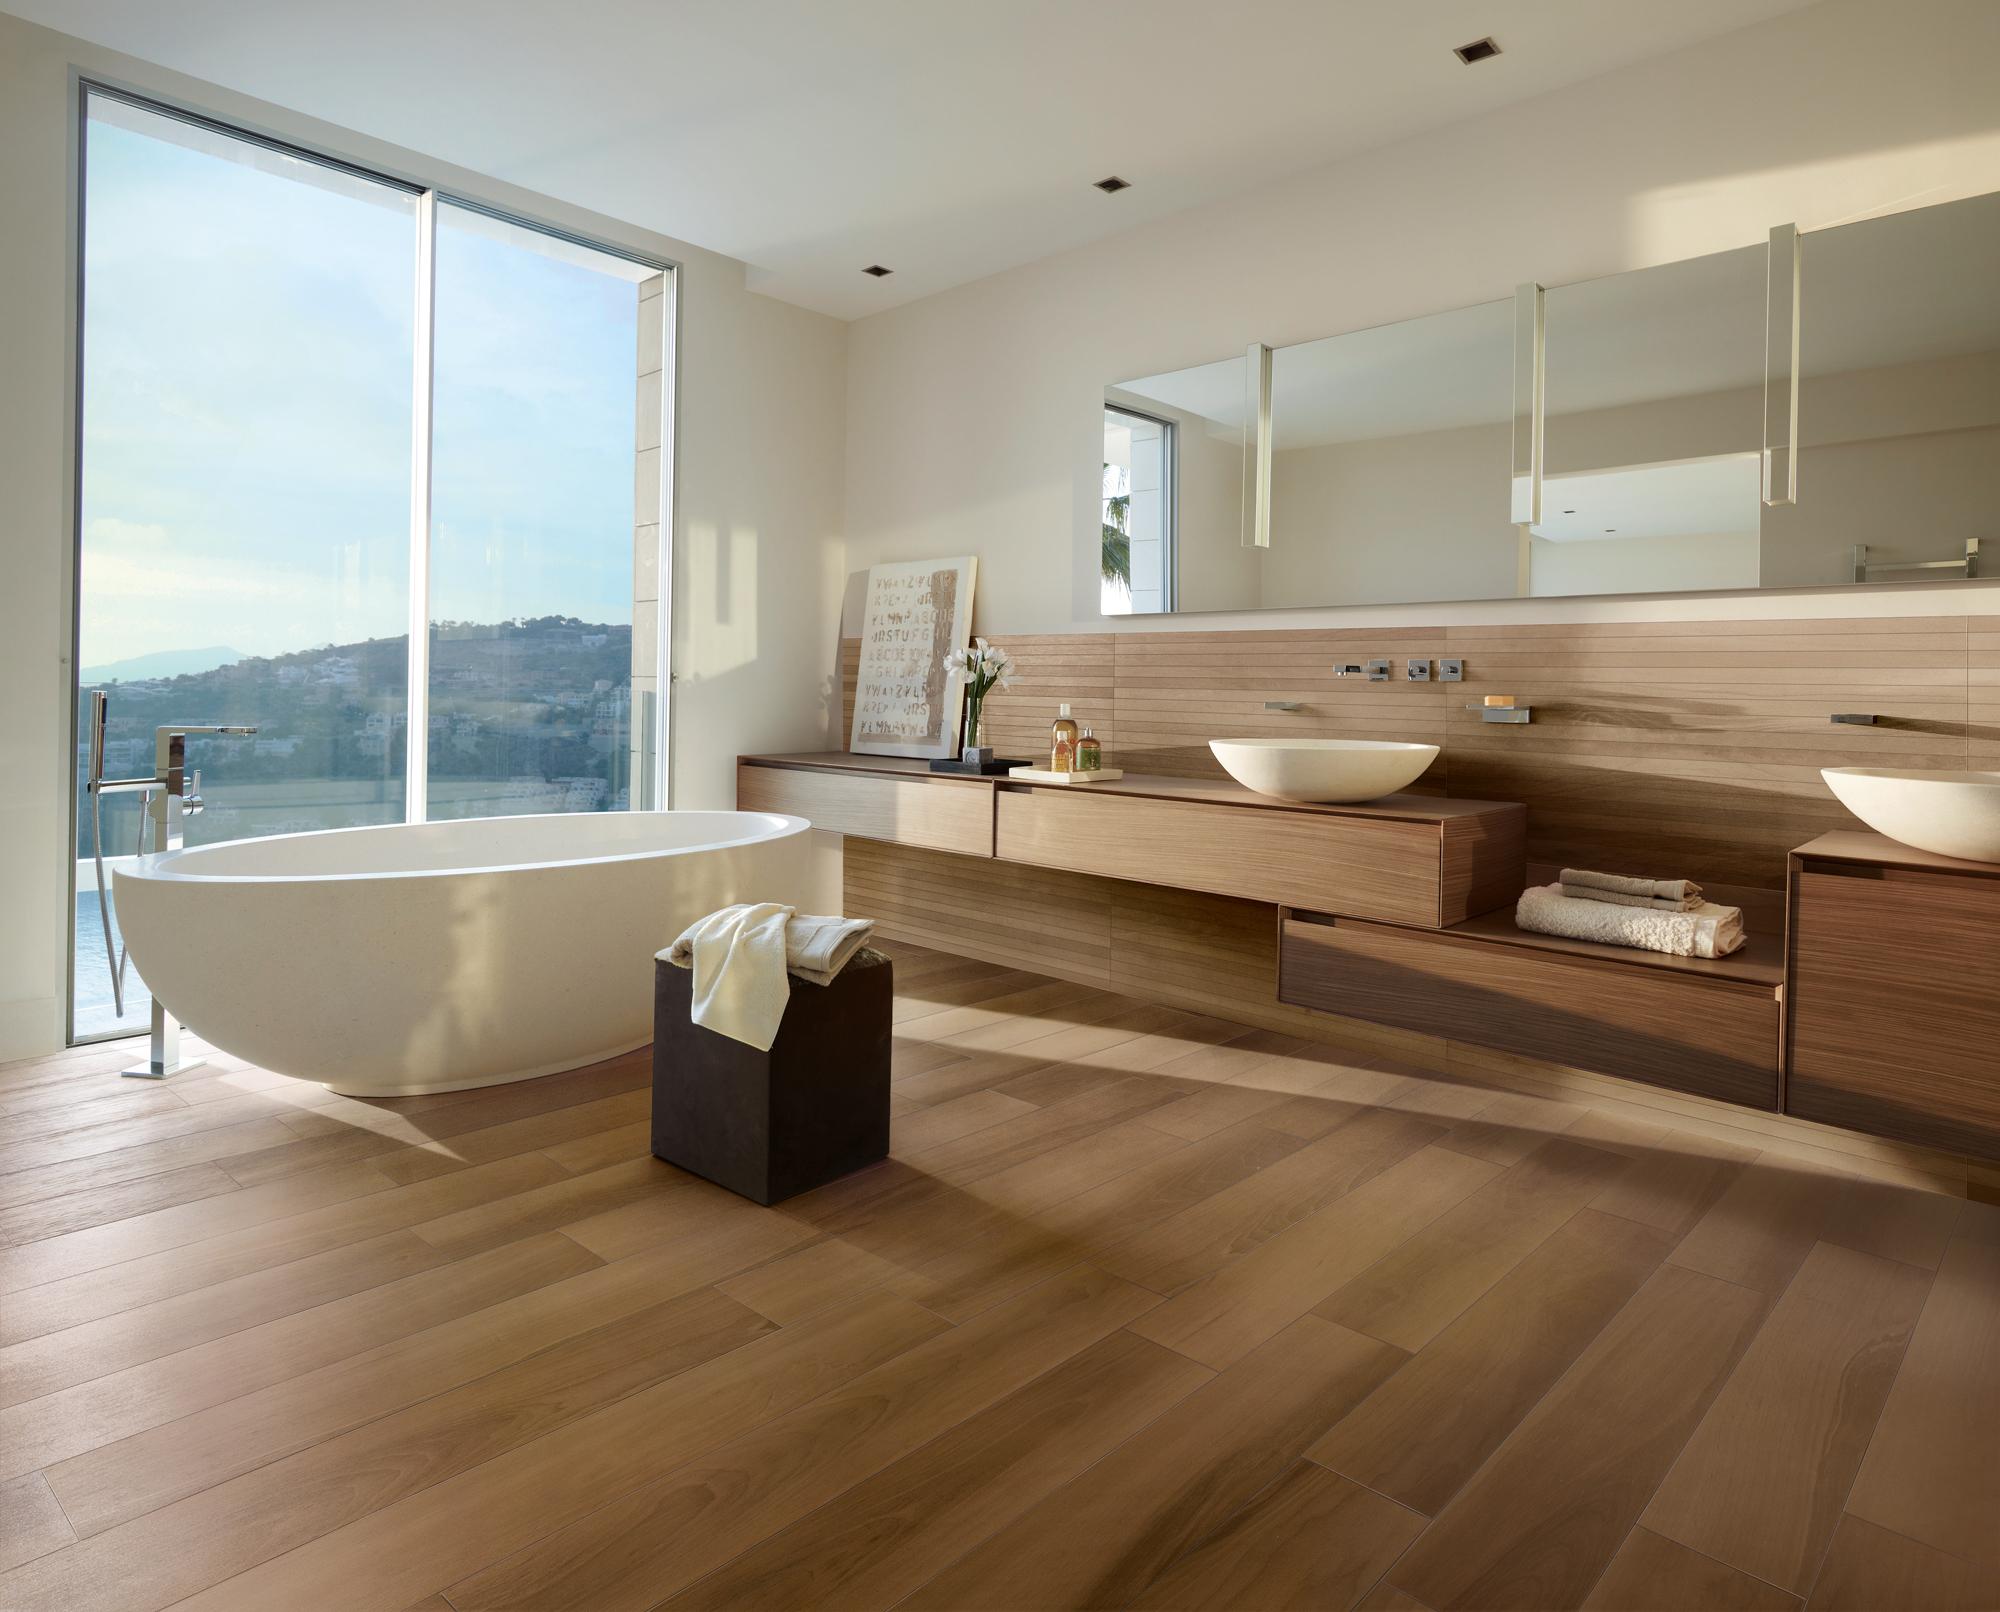 Mattonelle Simil Parquet Prezzi life: effetto legno naturale | ceramiche caesar